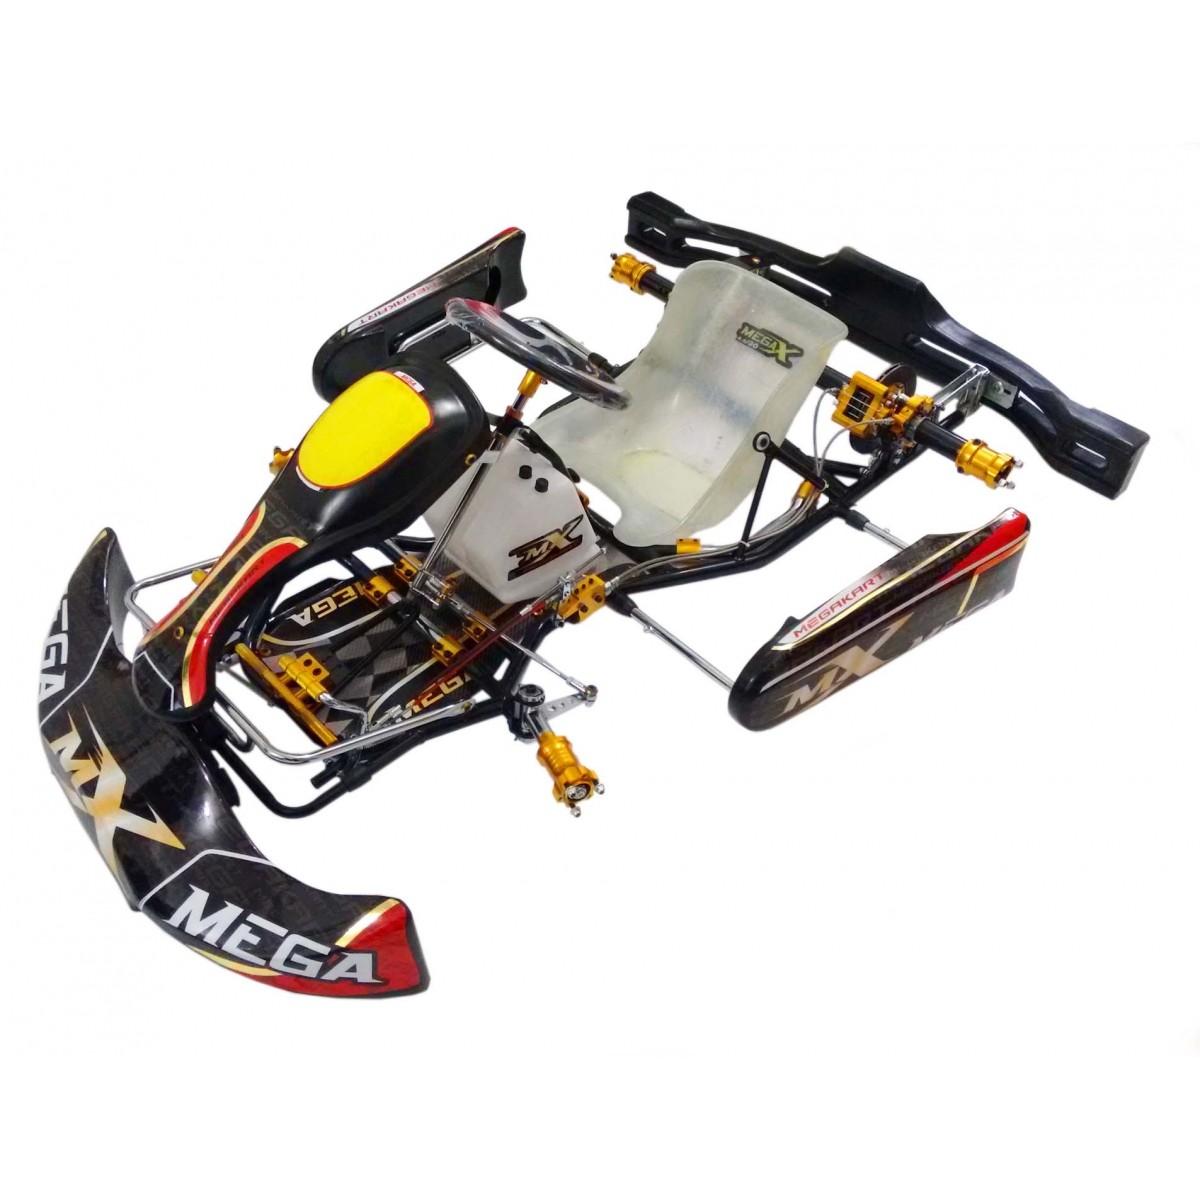 Kart MX Black sem Mangão com Bucha Excêntrica  - 847   - Mega Kart